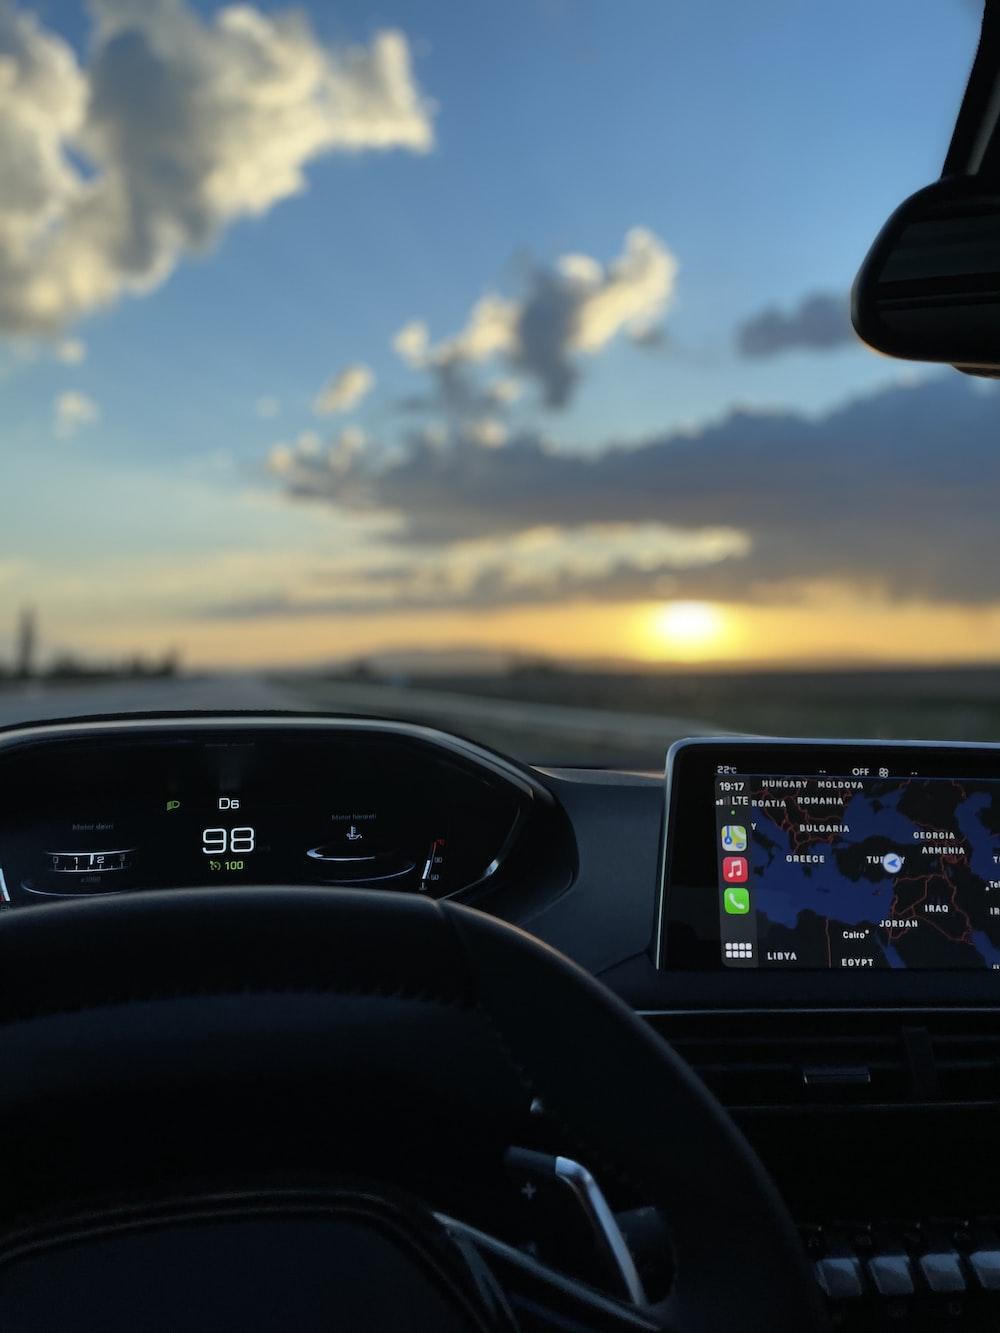 black car dashboard with digital device